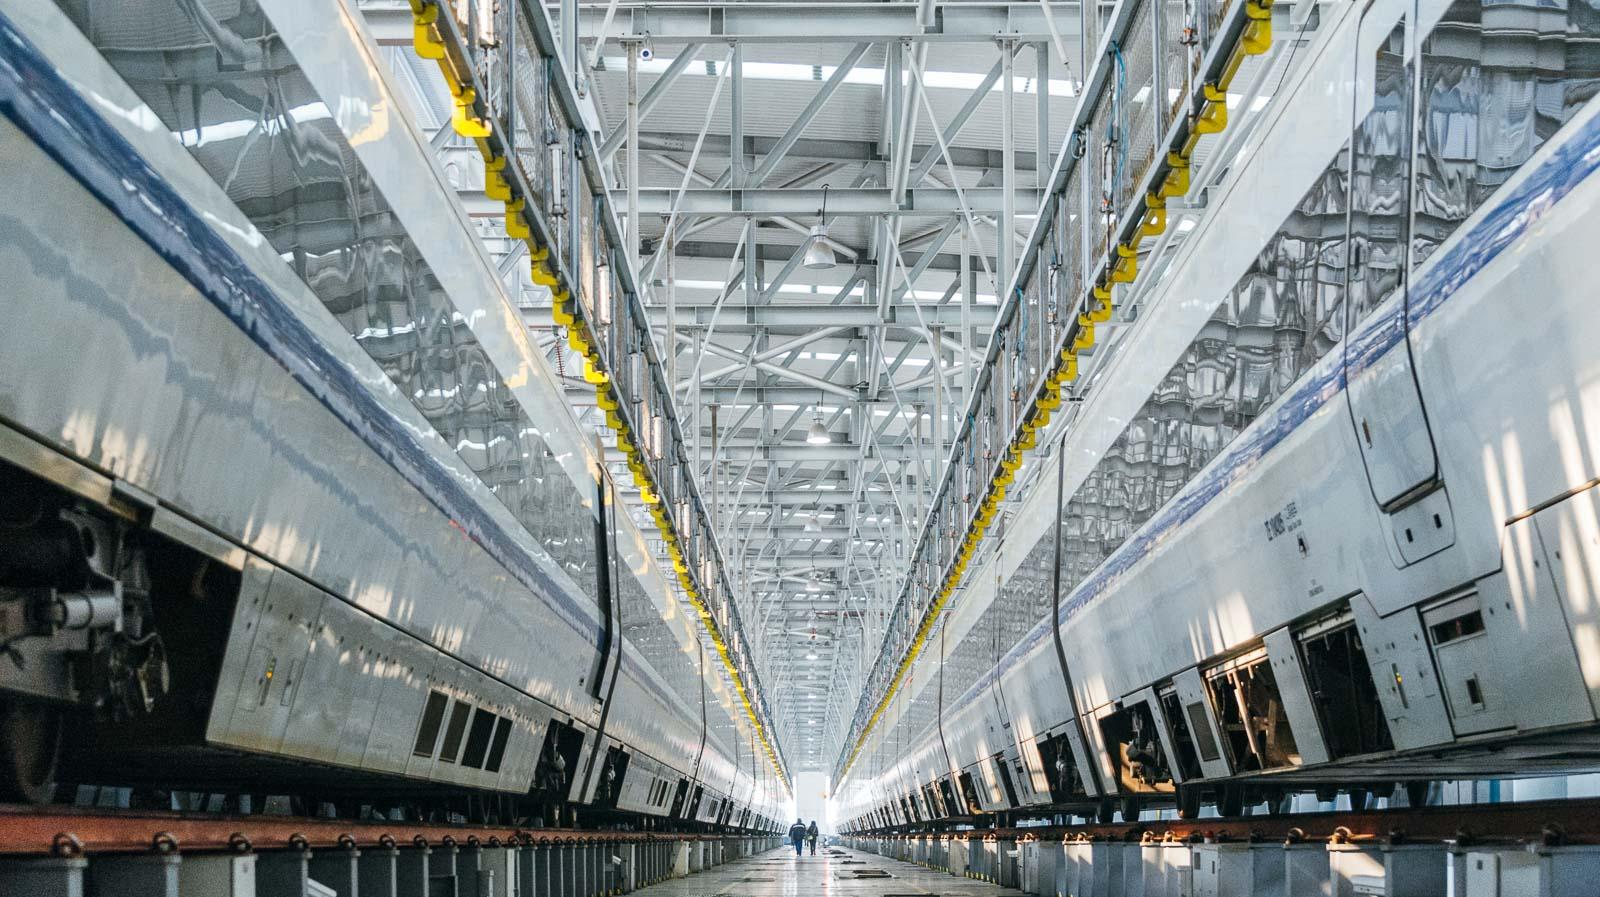 Zwischen zwei High Speed Trains im Depot – Industriefoto